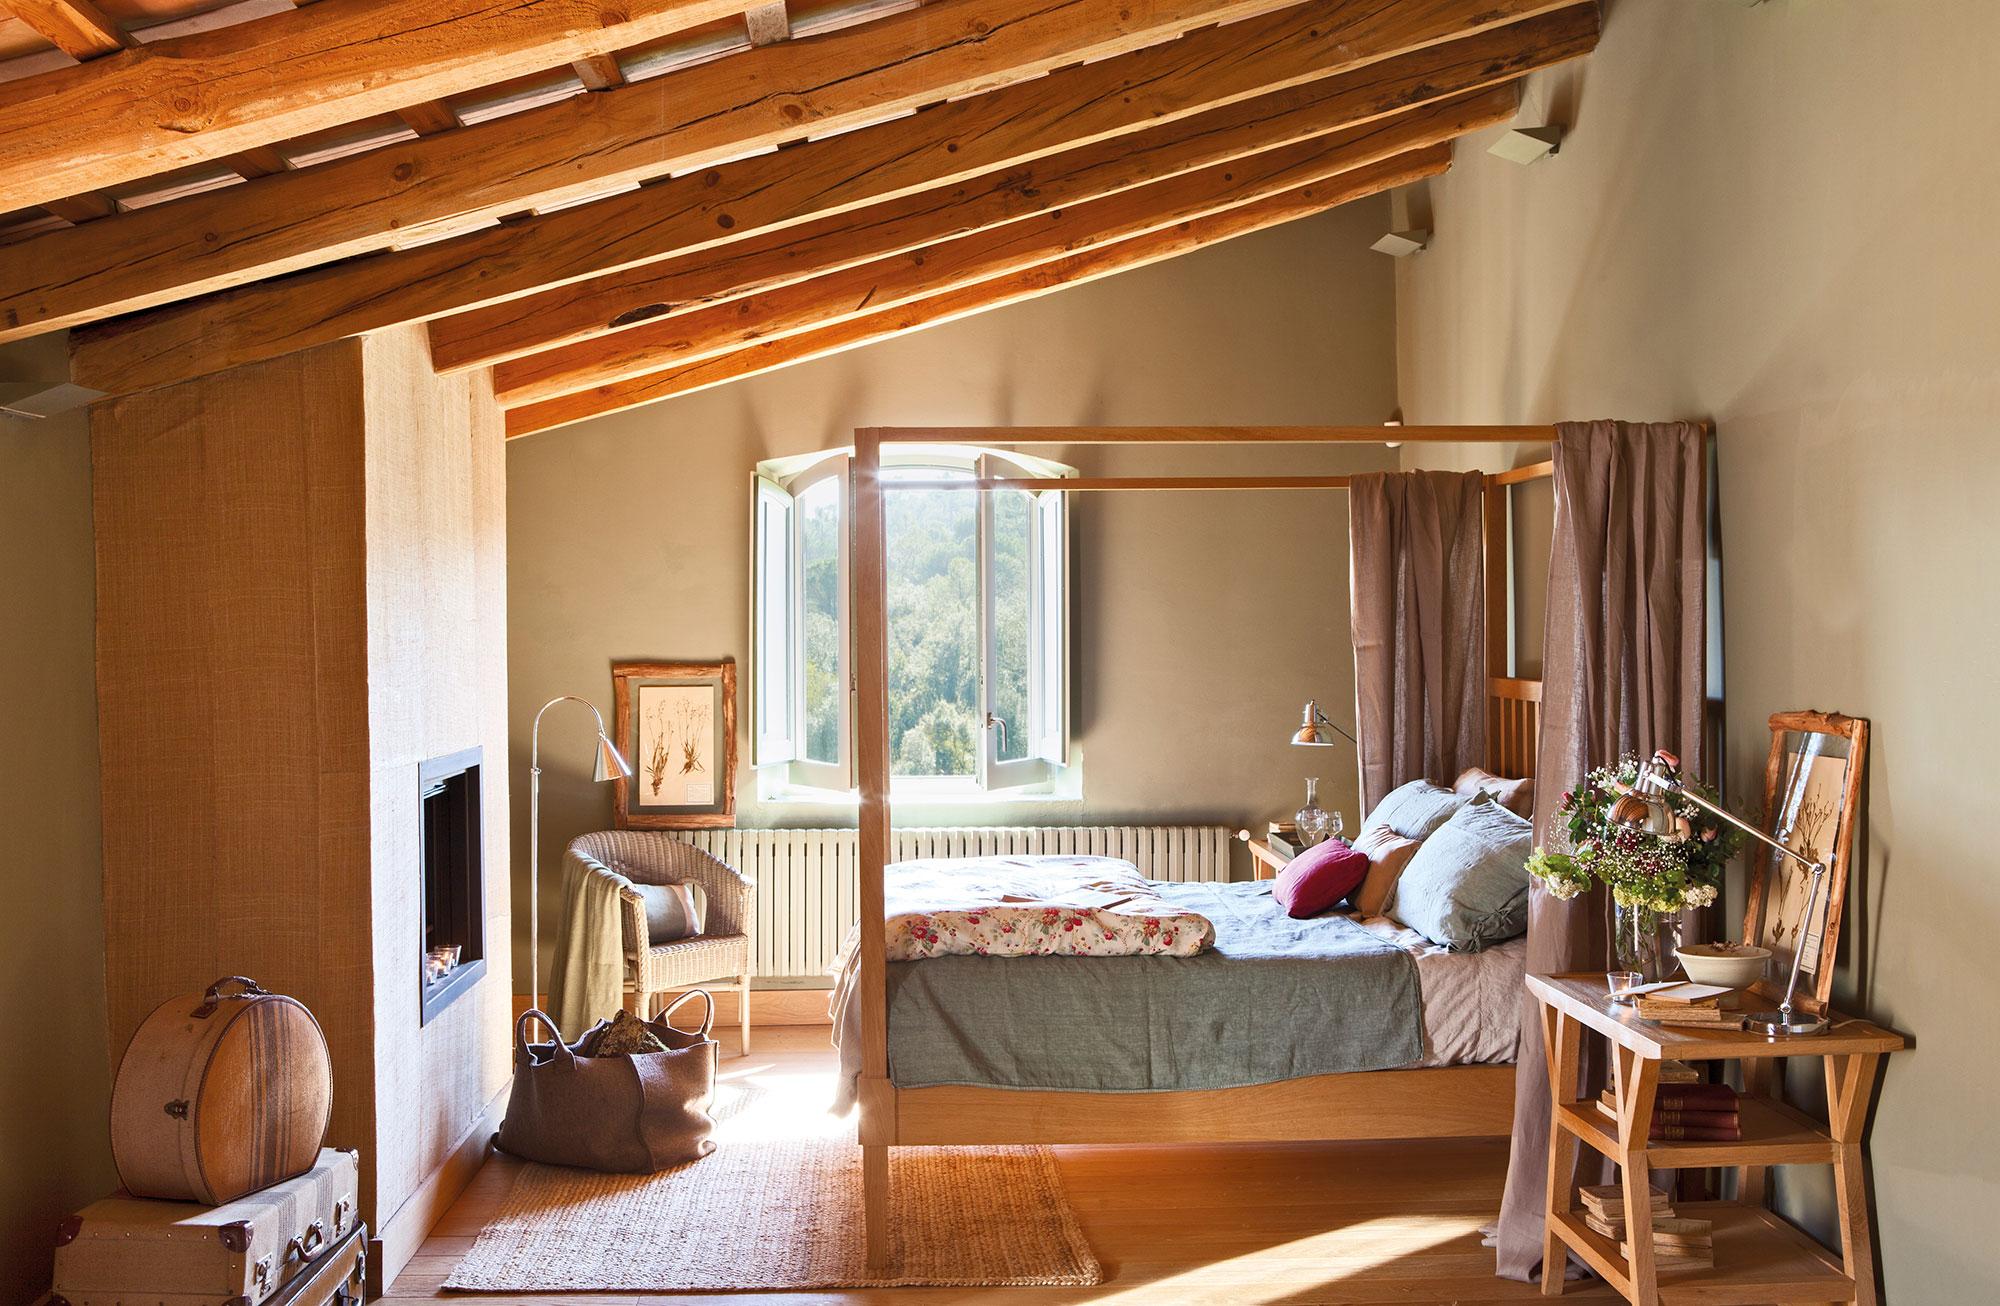 dormitorio rstico con vigas de madera cama con dosel y chimenea